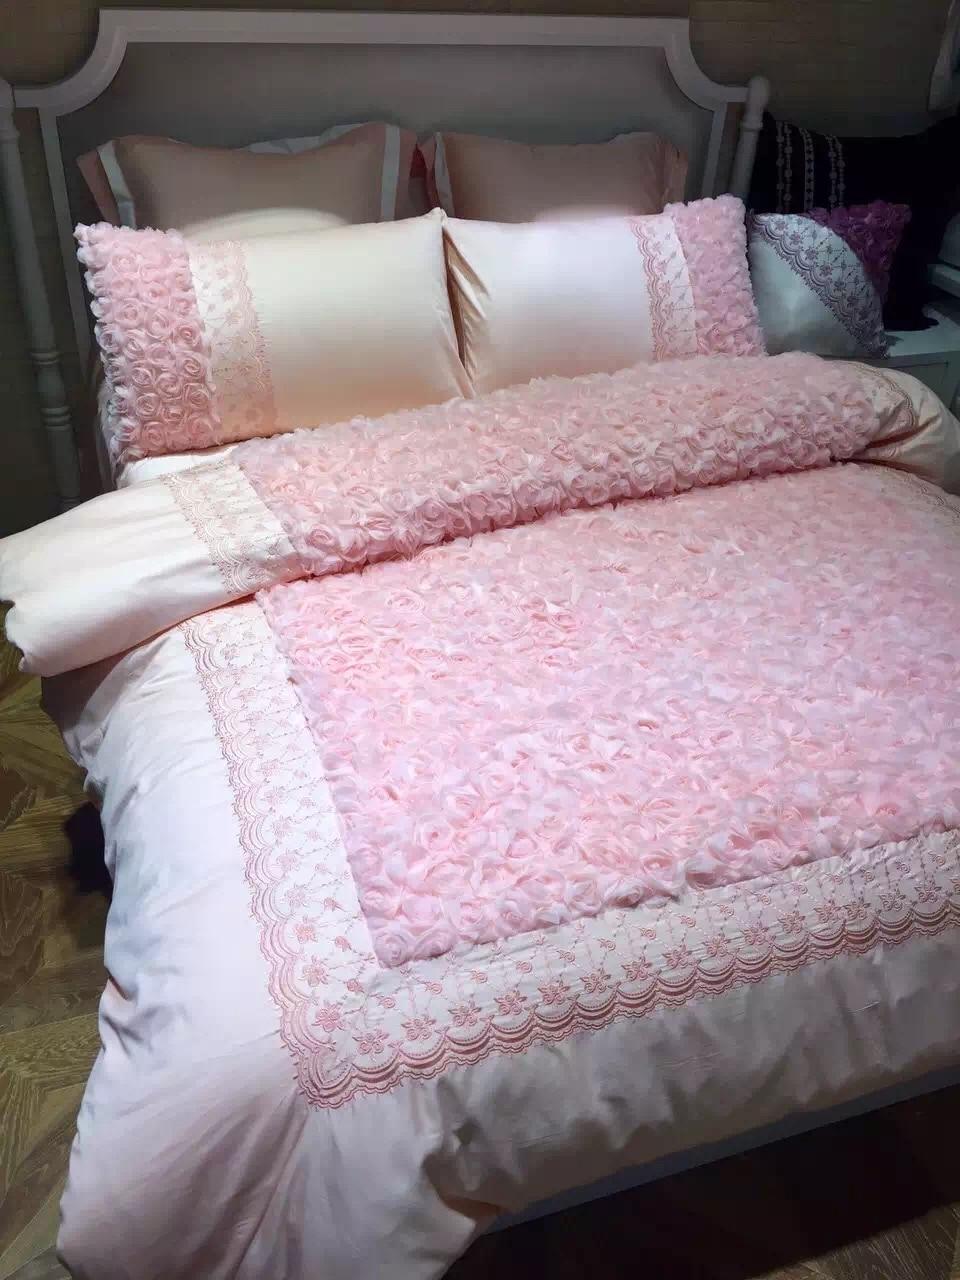 Wedding bed sheet set - 4pcs 100 Cotton Chinese Wedding Bedding Set King Size 220 240cm Duvet Cover Pink